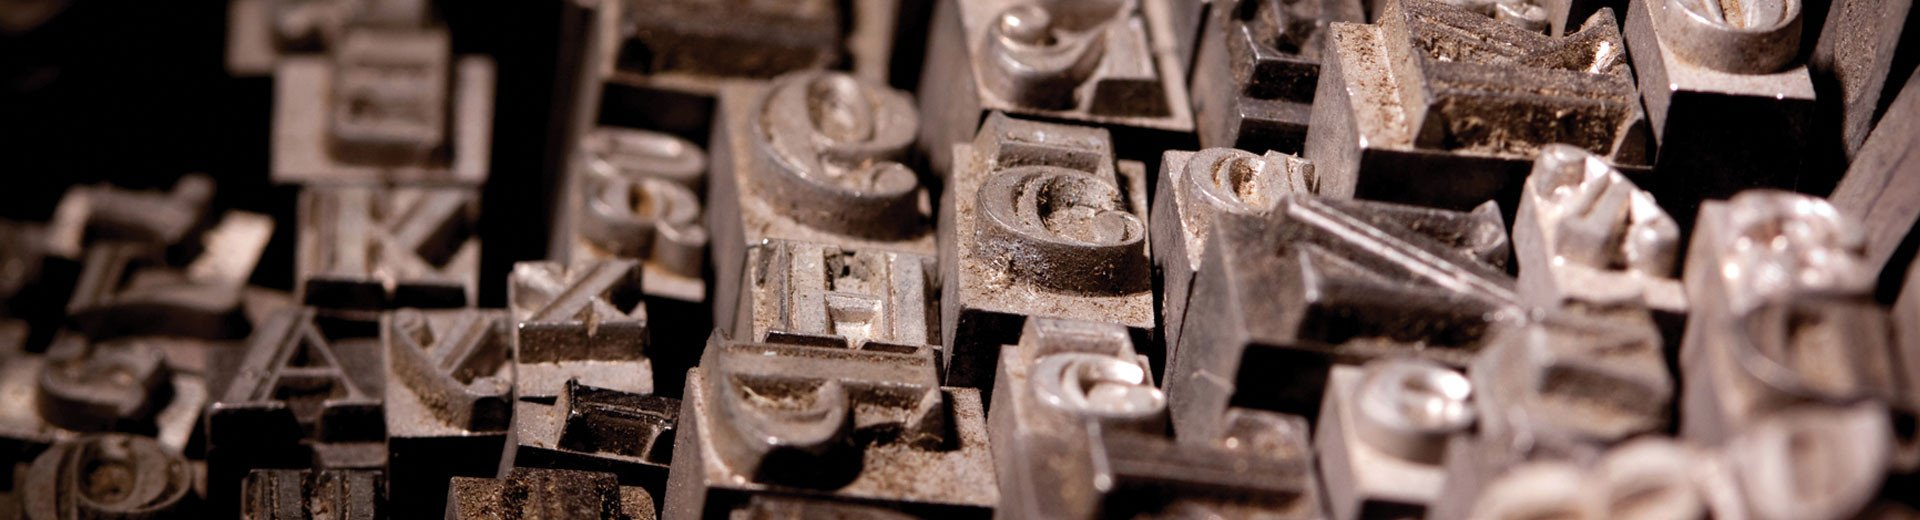 Okładka artykułu Darmowe fonty z polskimi znakami — Część #2